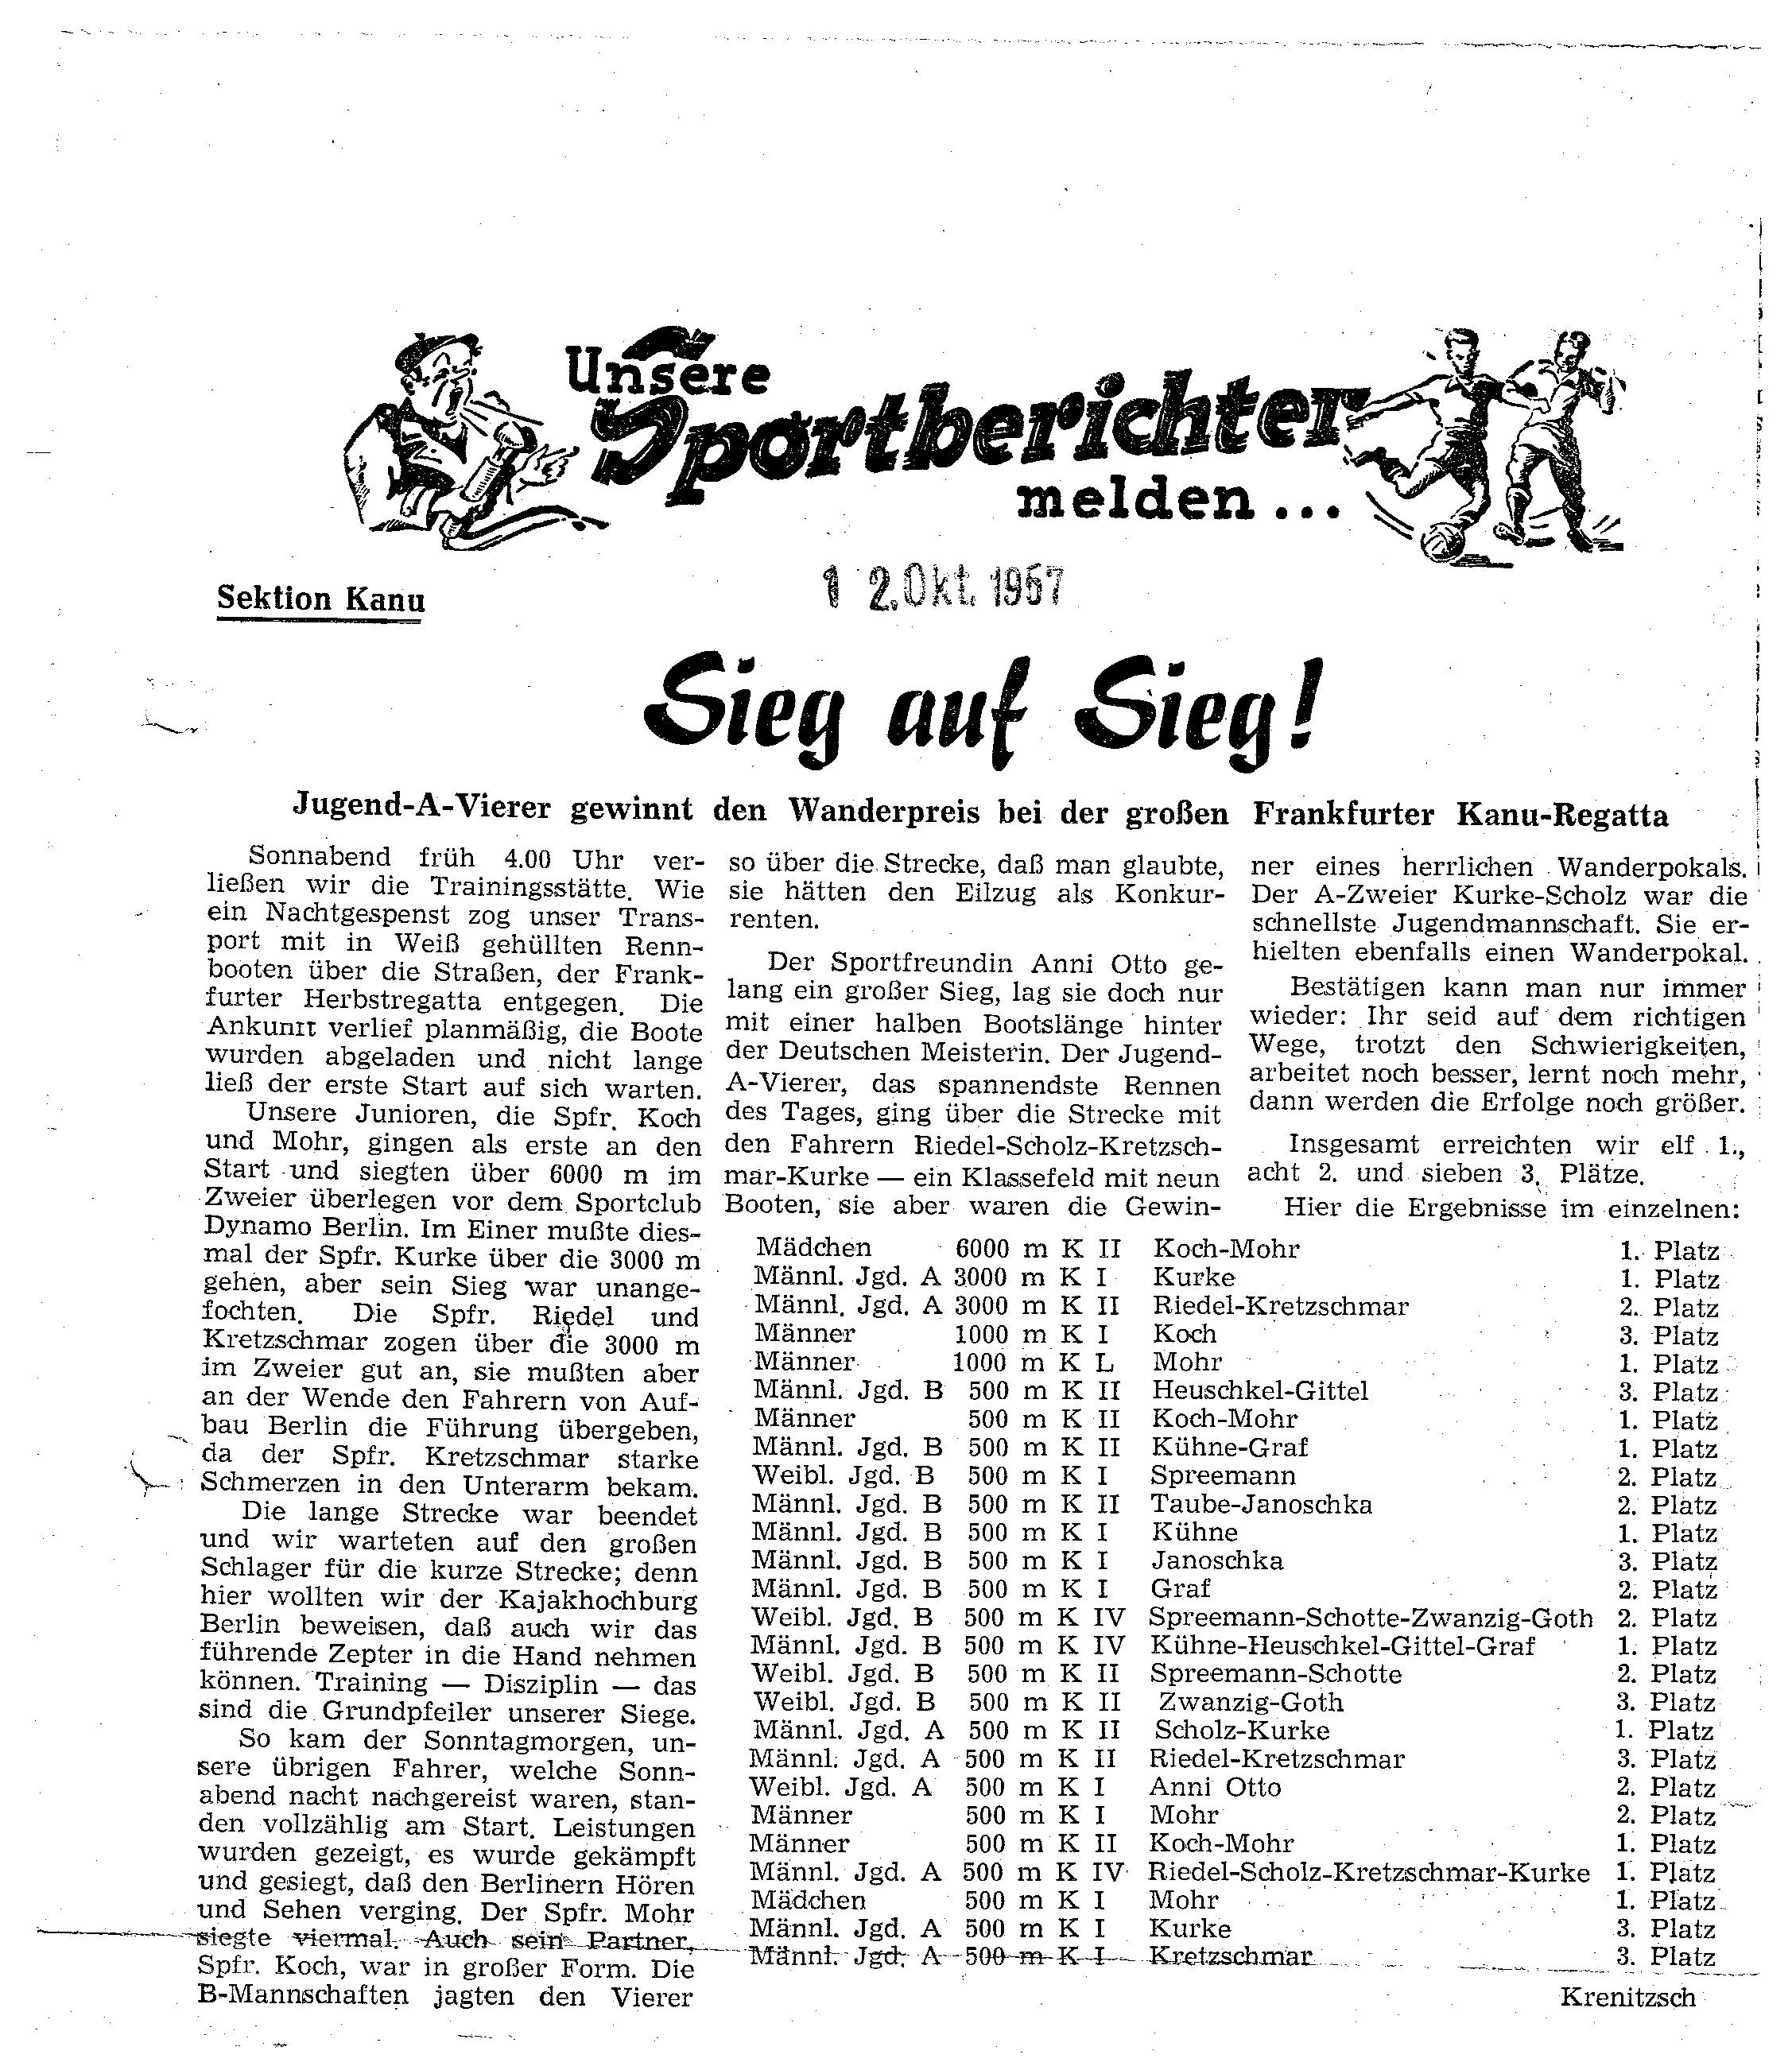 1957-10-12 Sportberichter Sieg auf Sieg